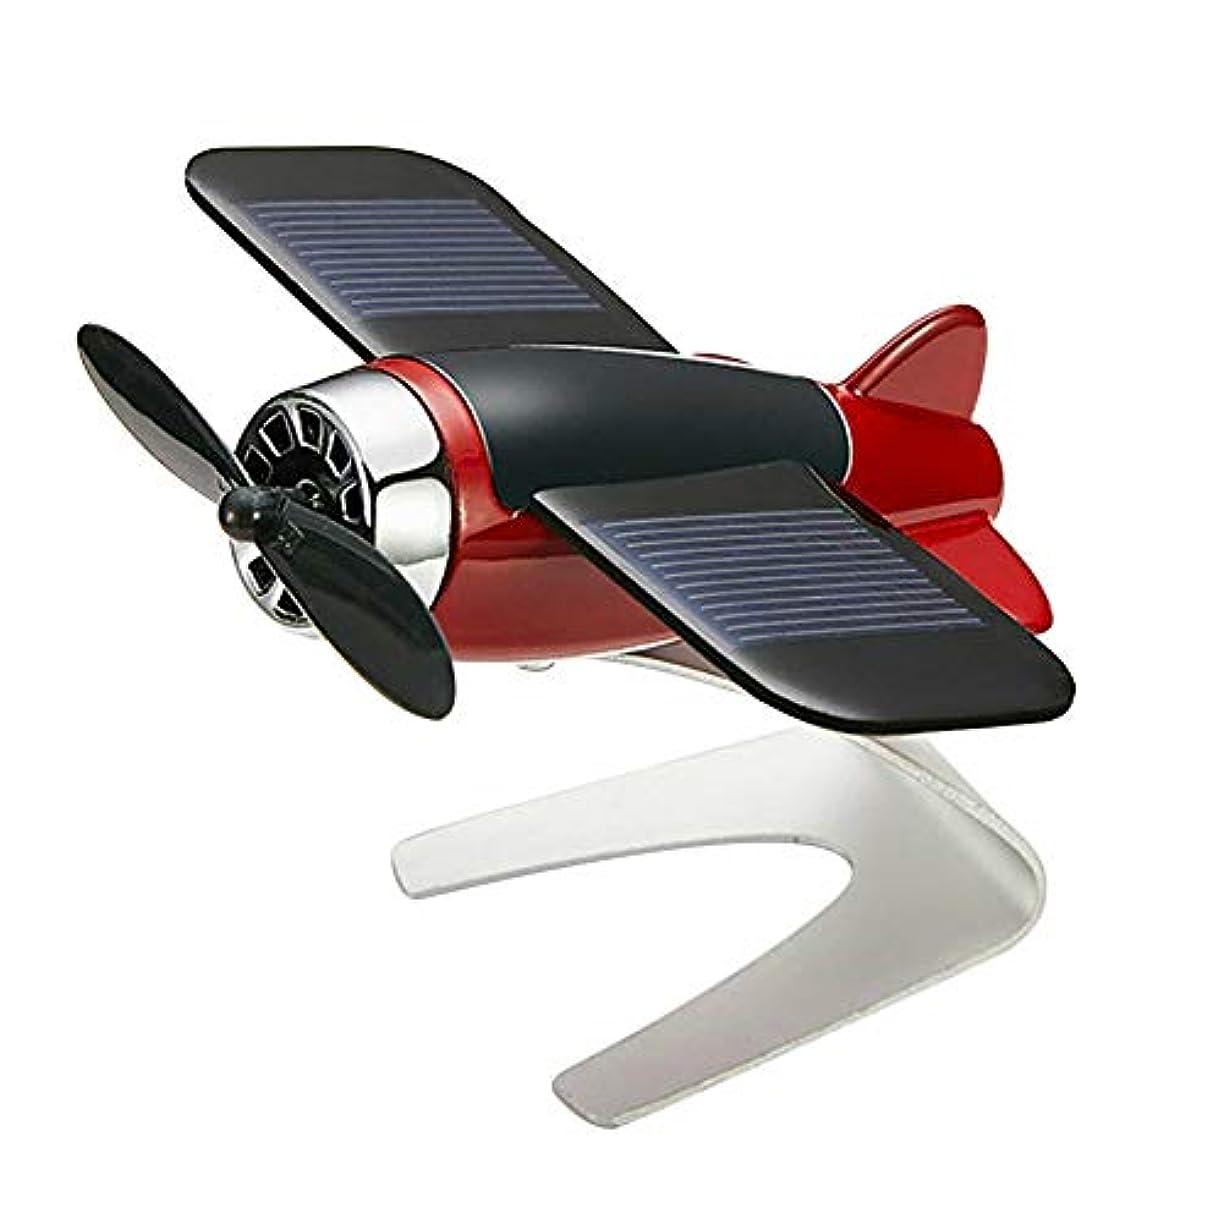 保有者集まる花嫁Symboat 車の芳香剤飛行機航空機モデル太陽エネルギーアロマテラピー室内装飾